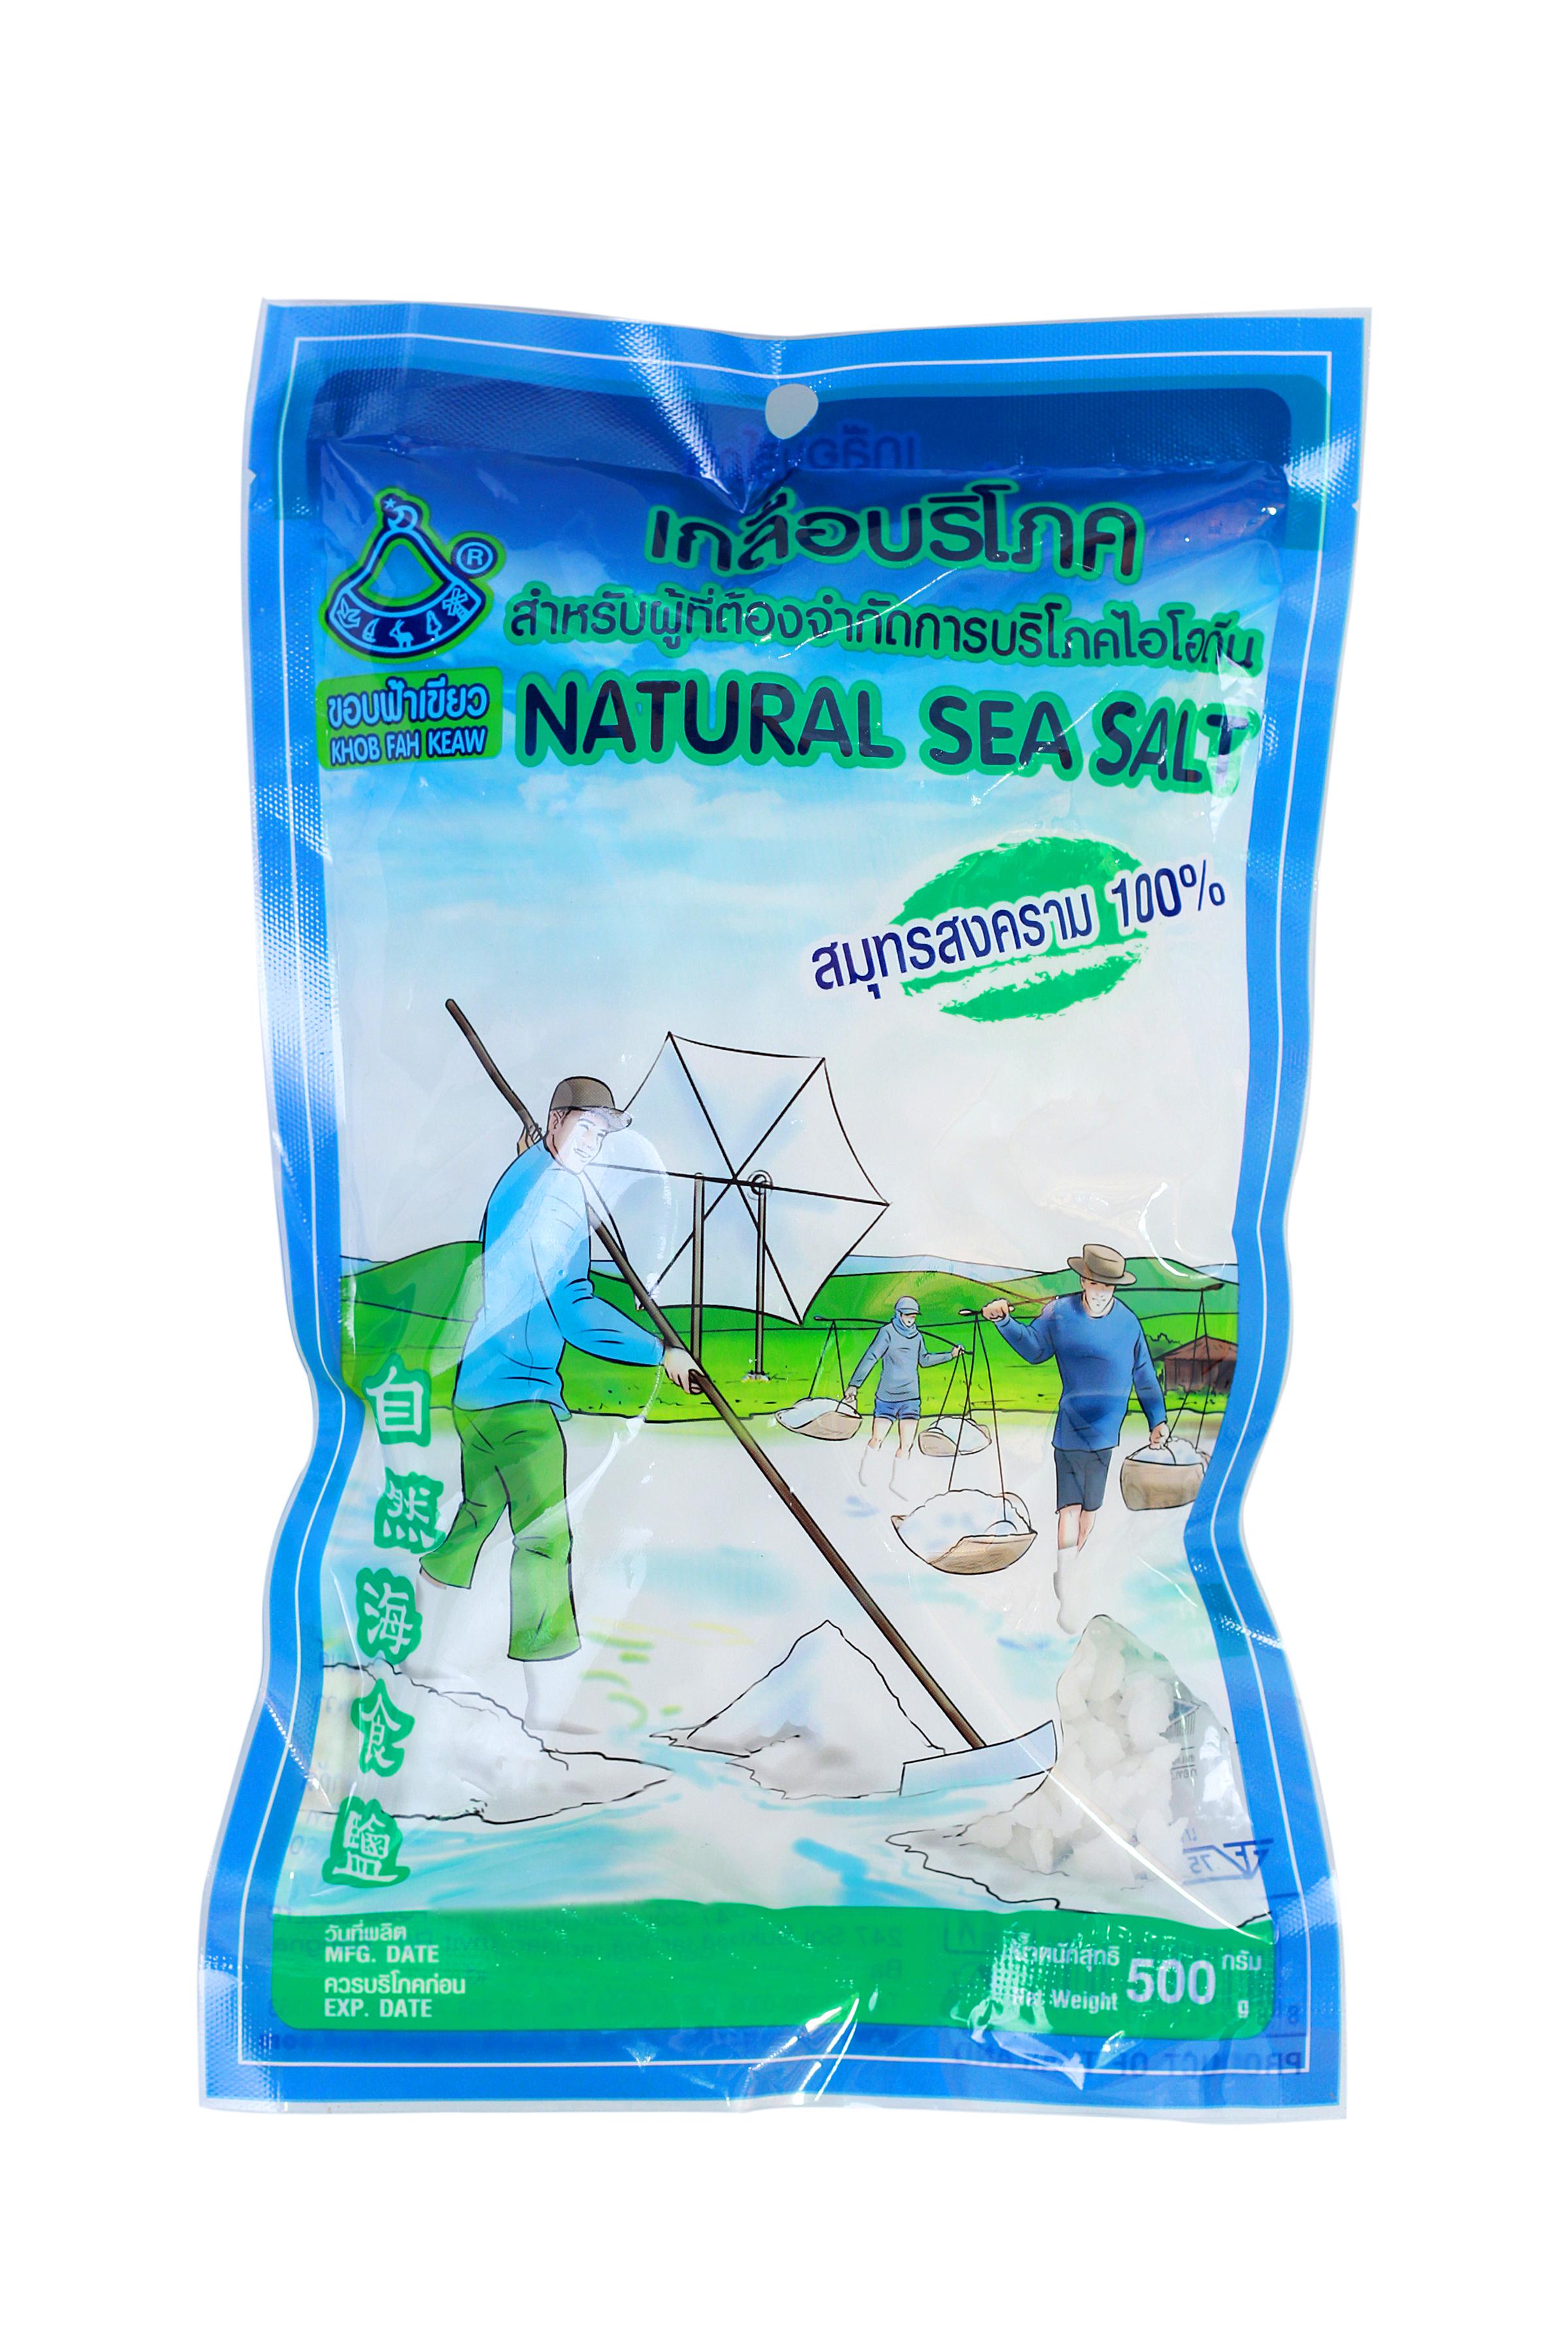 NATURAL SEA SALT - เกลือทะเลเม็ดธรรมชาติ